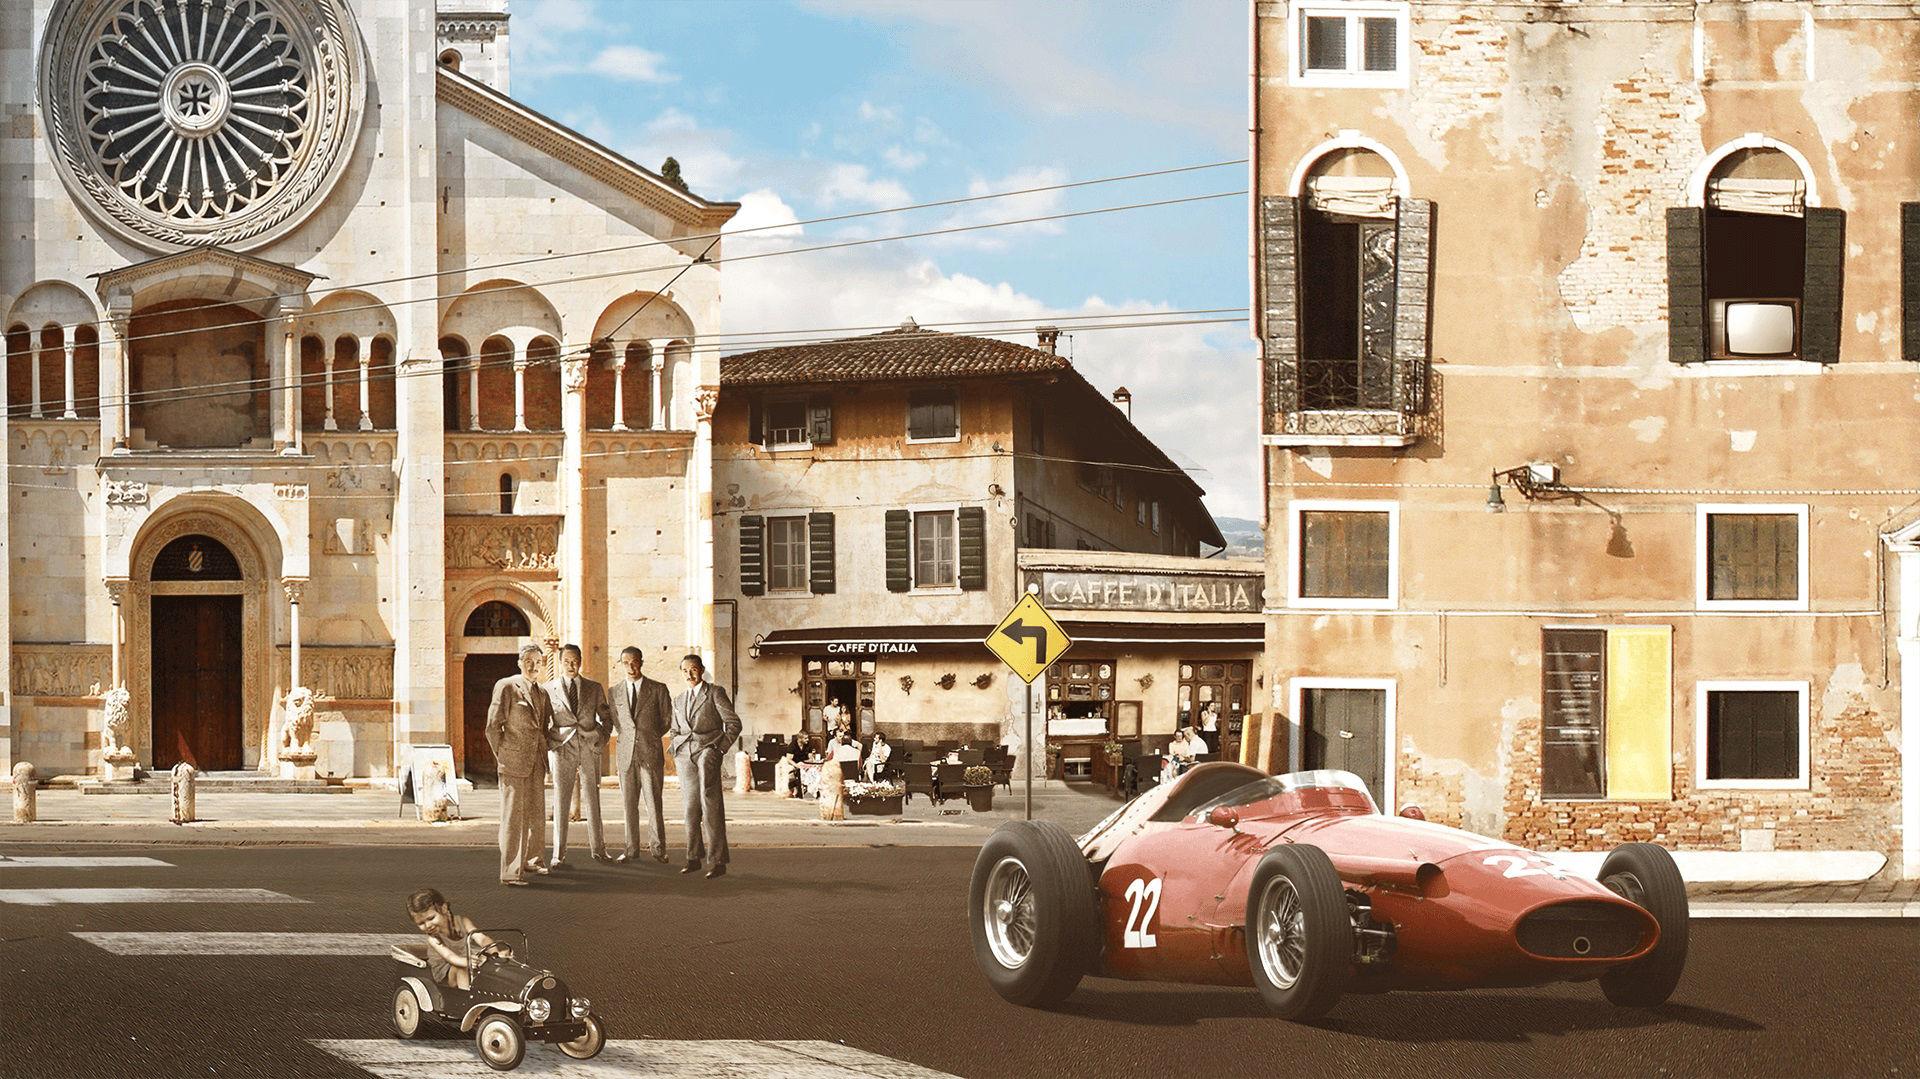 Storia di Maserati - 1950: Maserati 250 F in una città italiana